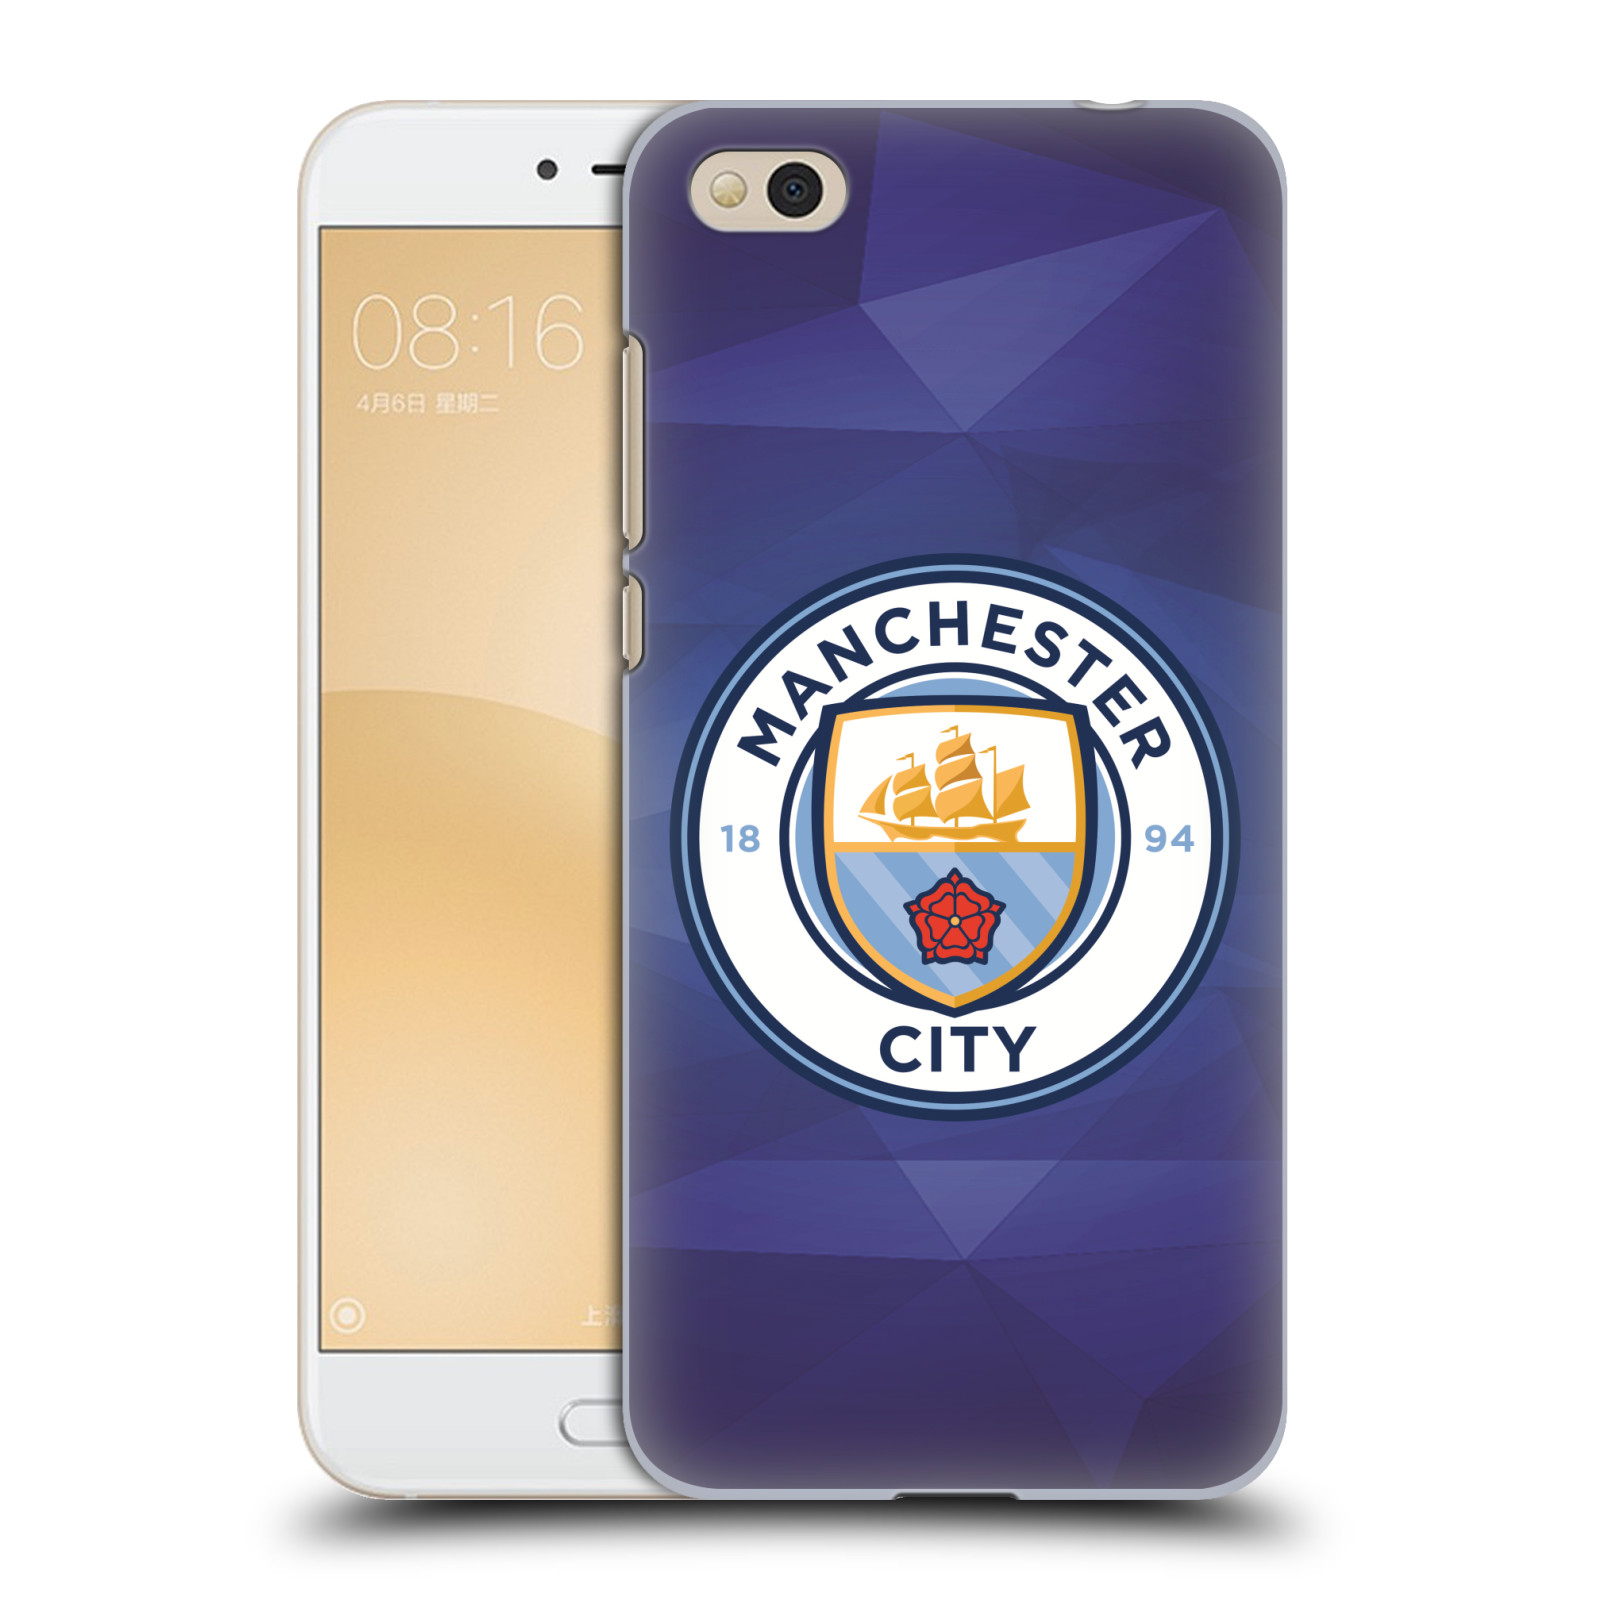 Plastové pouzdro na mobil Xiaomi Mi5c - Head Case - Manchester City FC - Modré nové logo (Plastový kryt či obal na mobilní telefon Xiaomi Mi5c s motivem Manchester City FC - Modré nové logo)